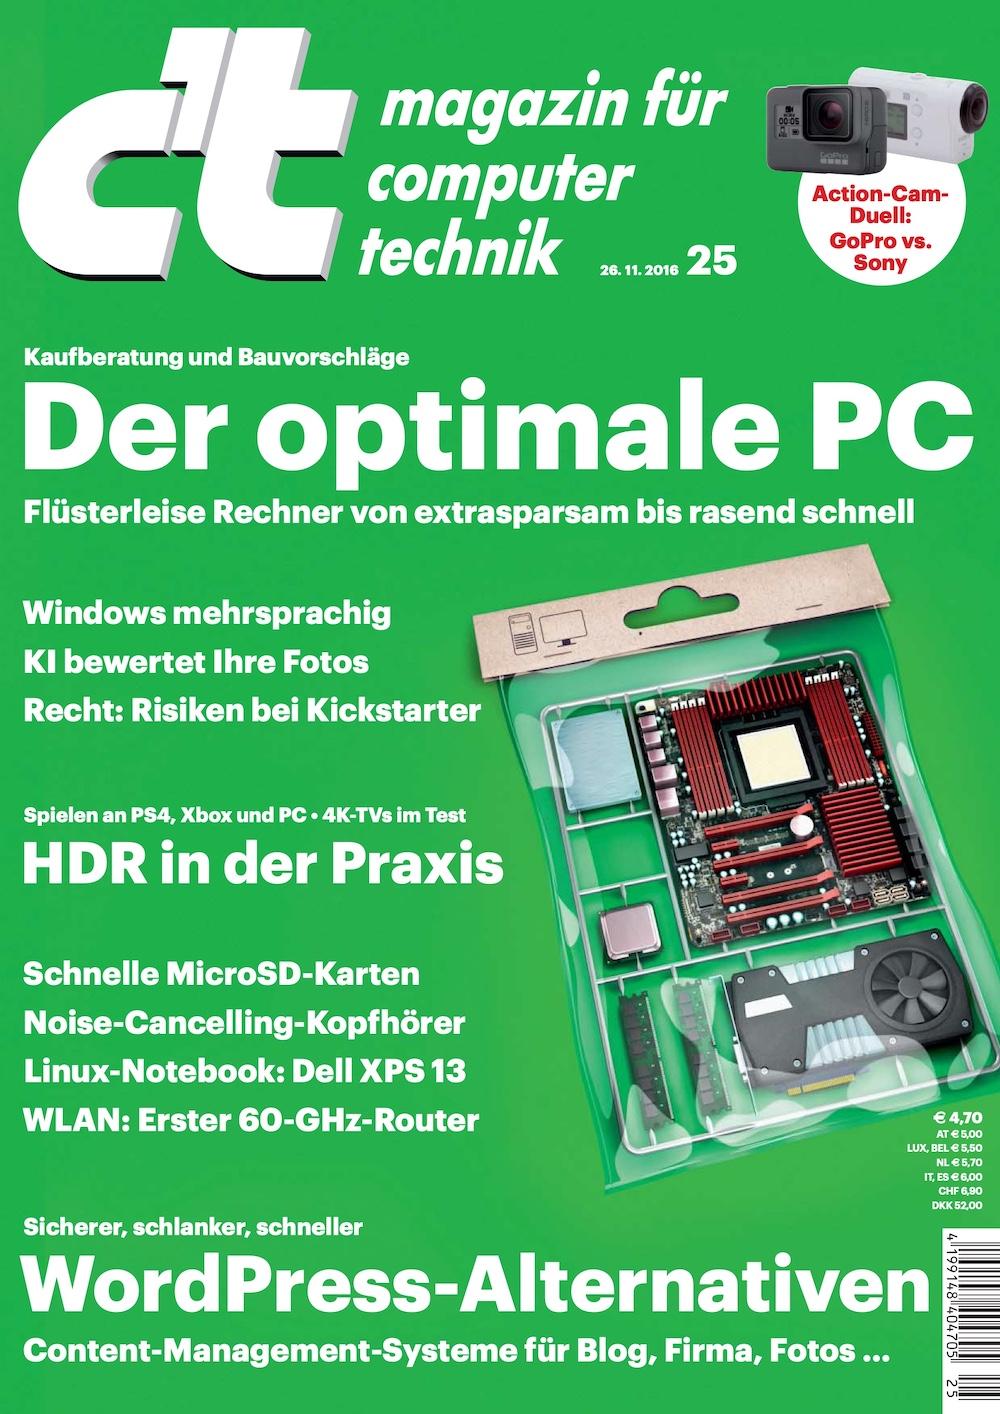 c't Magazin 2016-25